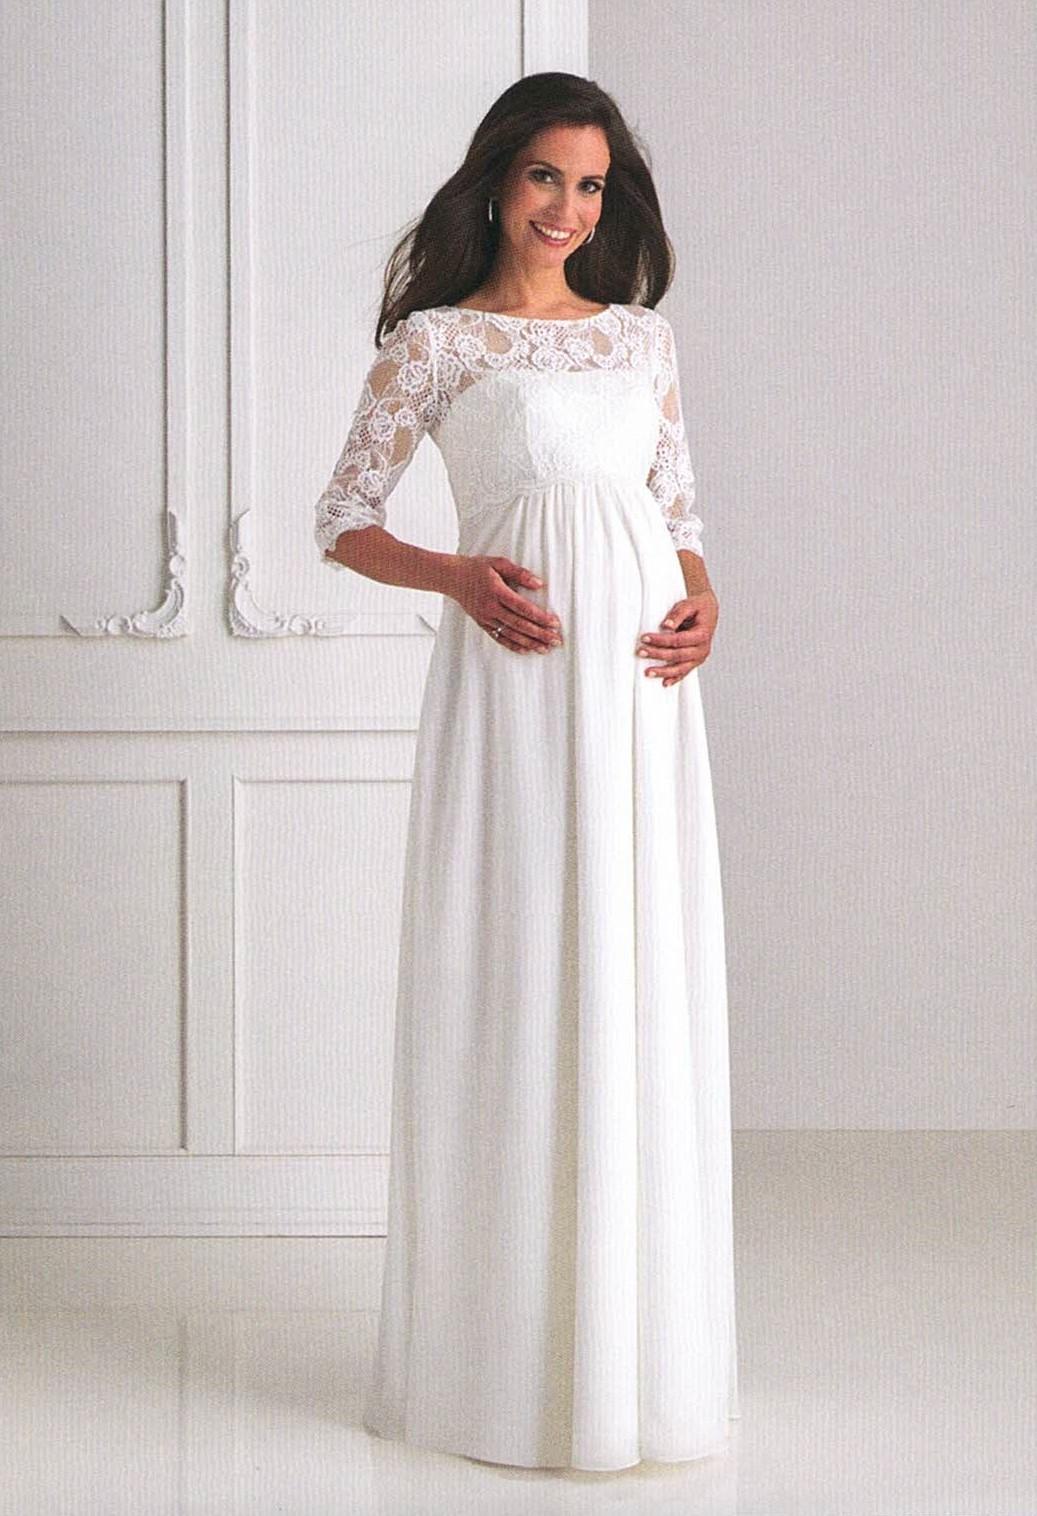 Brautkleider Hochzeitskleider Mode für schwangere langes Kleid mit Spitze und langem Ärmel